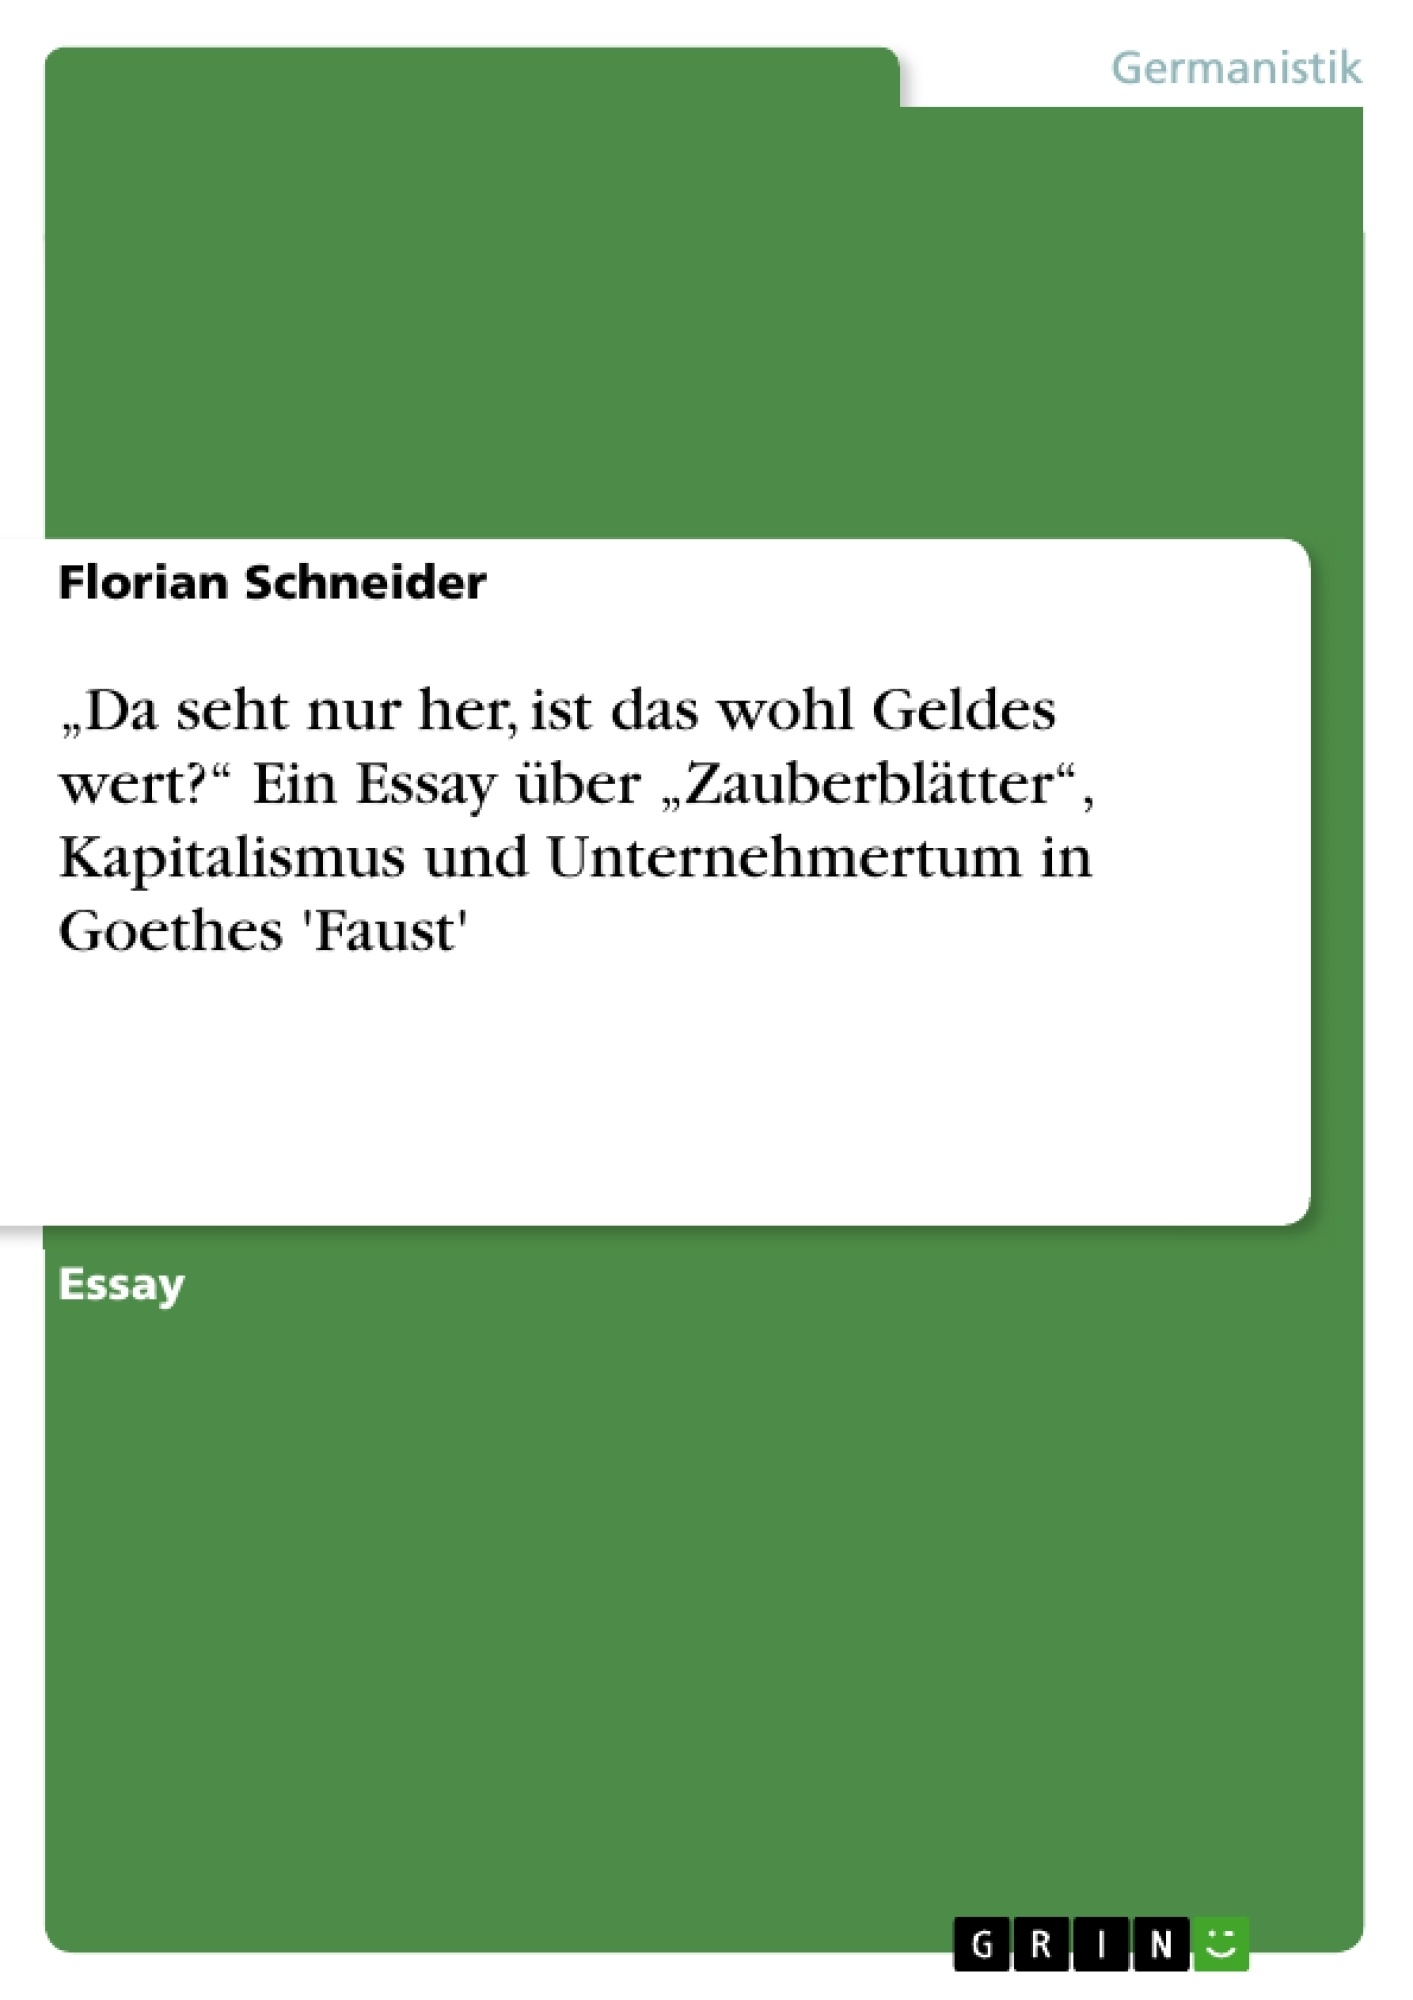 """Titel: """"Da seht nur her, ist das wohl Geldes wert?"""" Ein Essay über """"Zauberblätter"""", Kapitalismus und Unternehmertum in Goethes 'Faust'"""